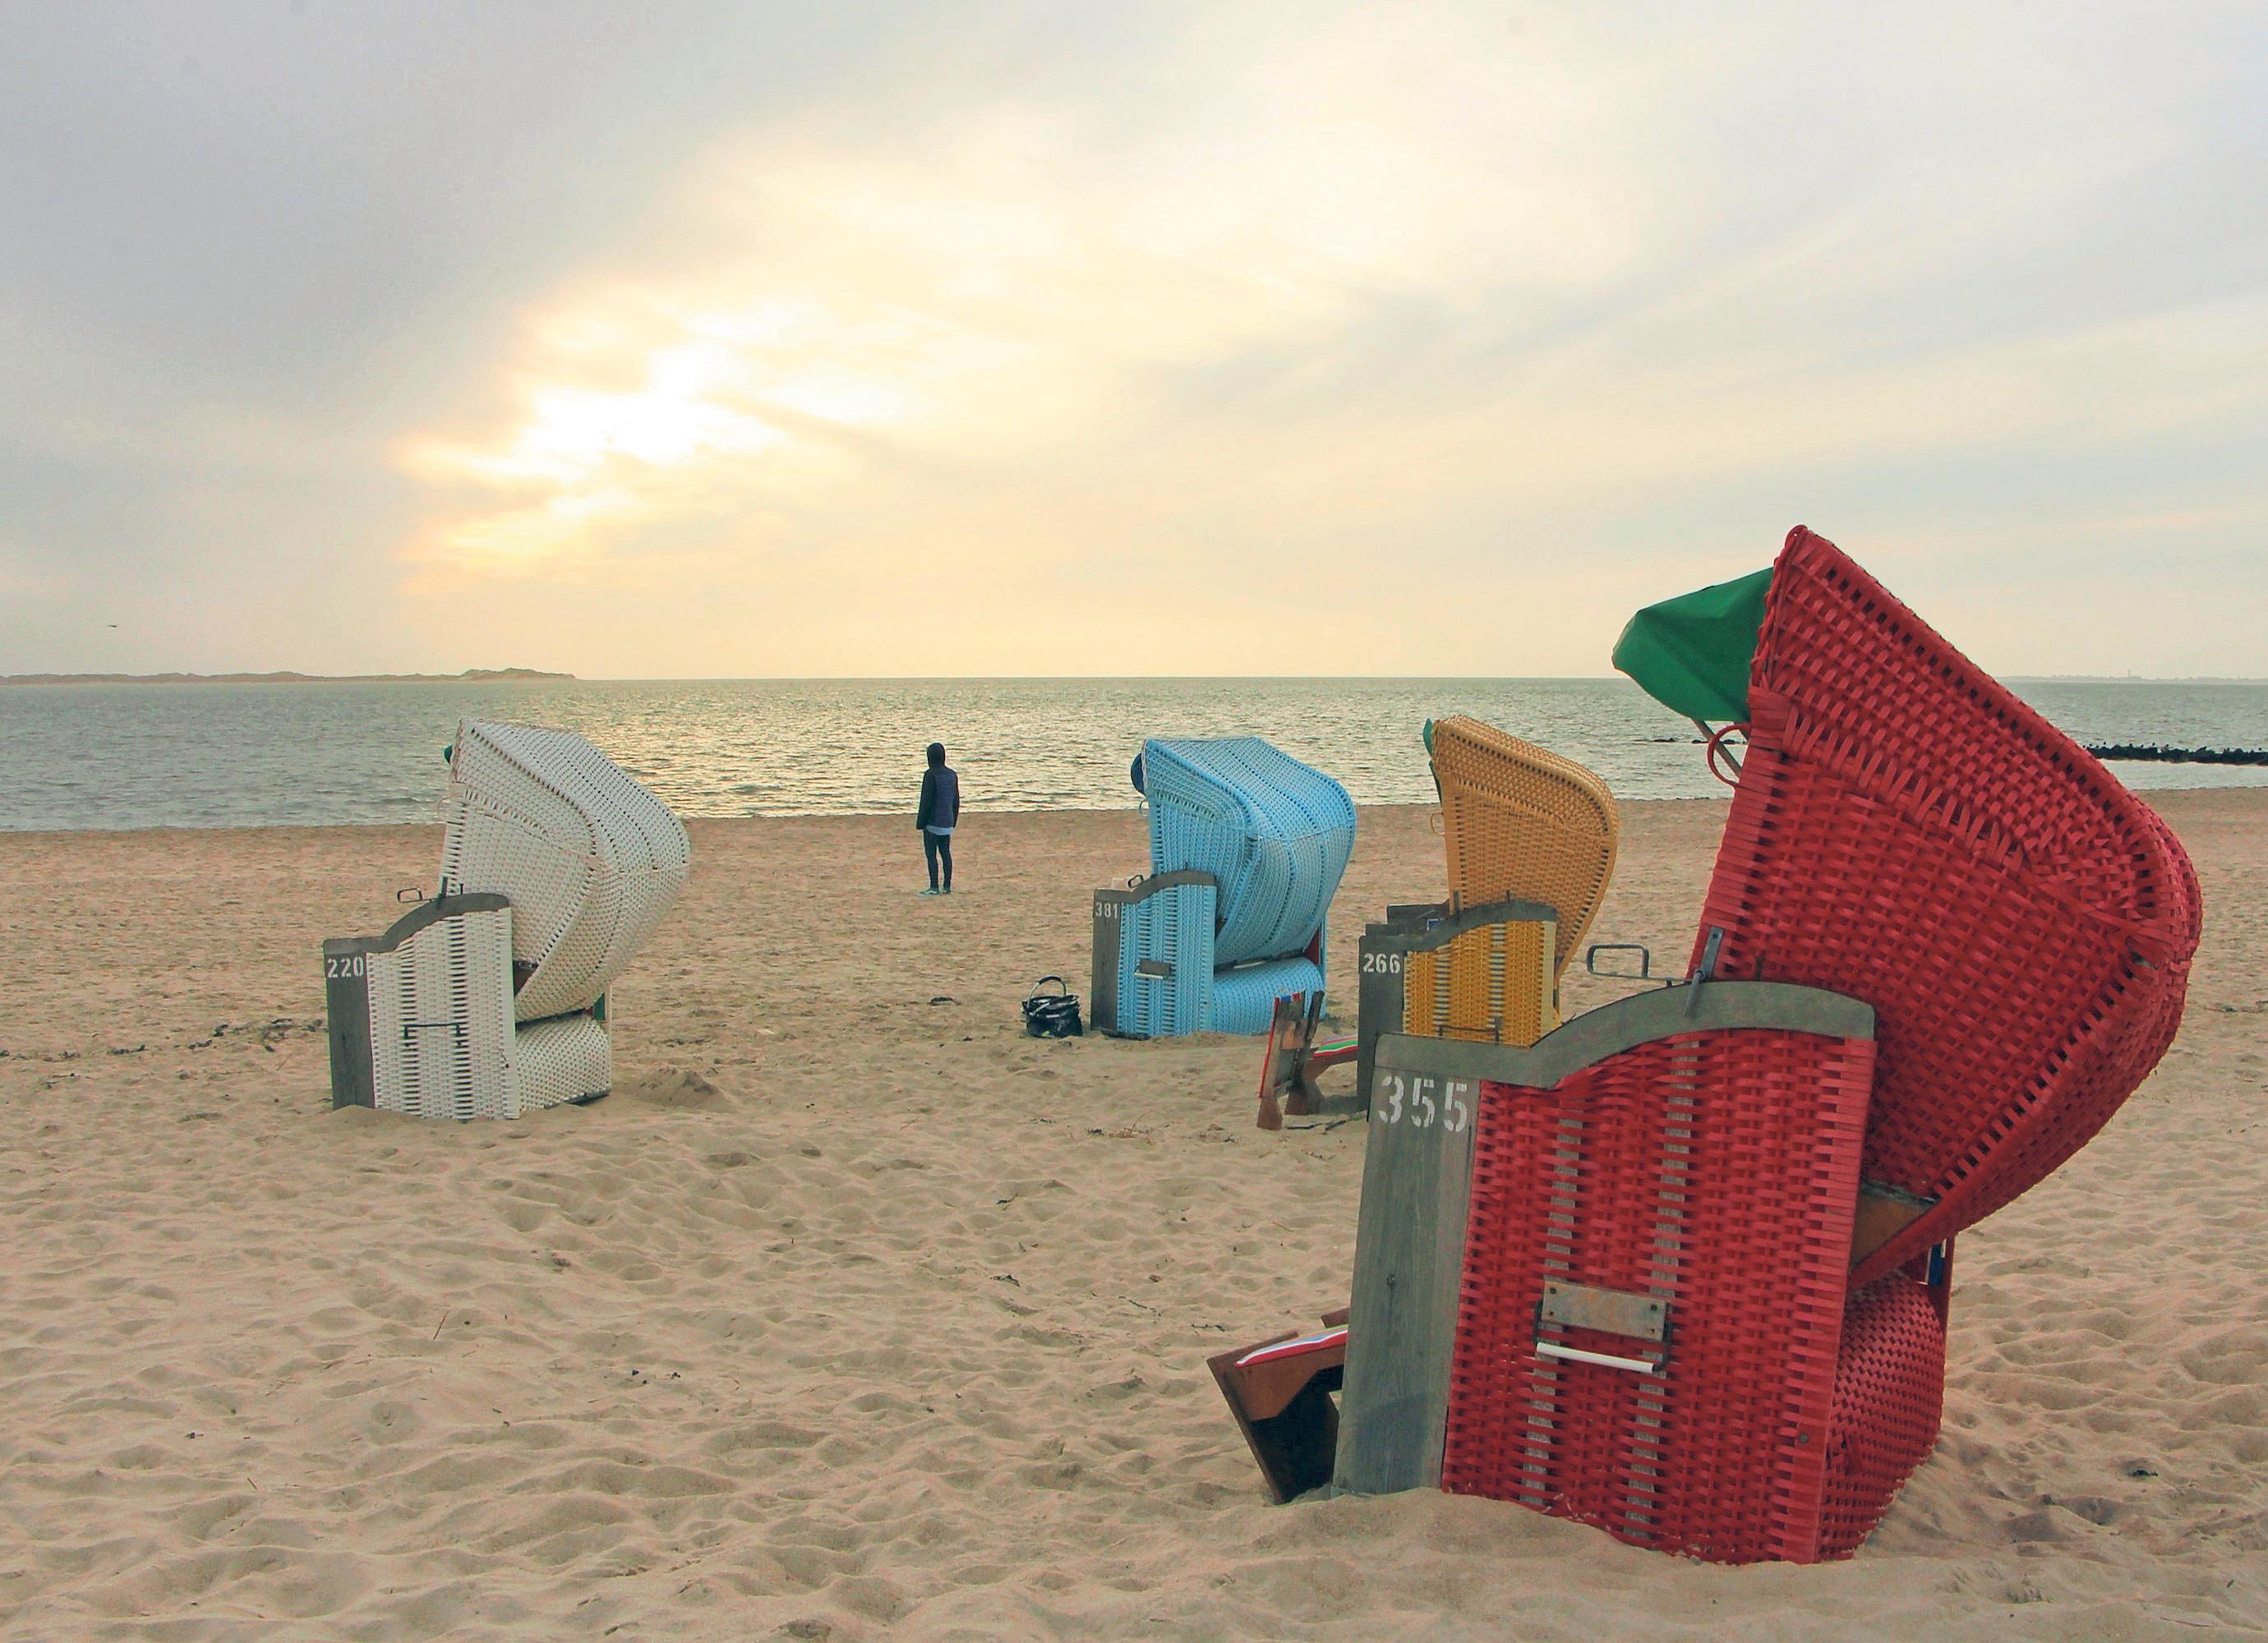 Strandkörbe bei Utersum an der Westküste – ebenso wie Sylt und Amrum gehört Föhr zu den Nordfriesischen Inseln. Fotos: Alexandra Frank/dpa-tmn